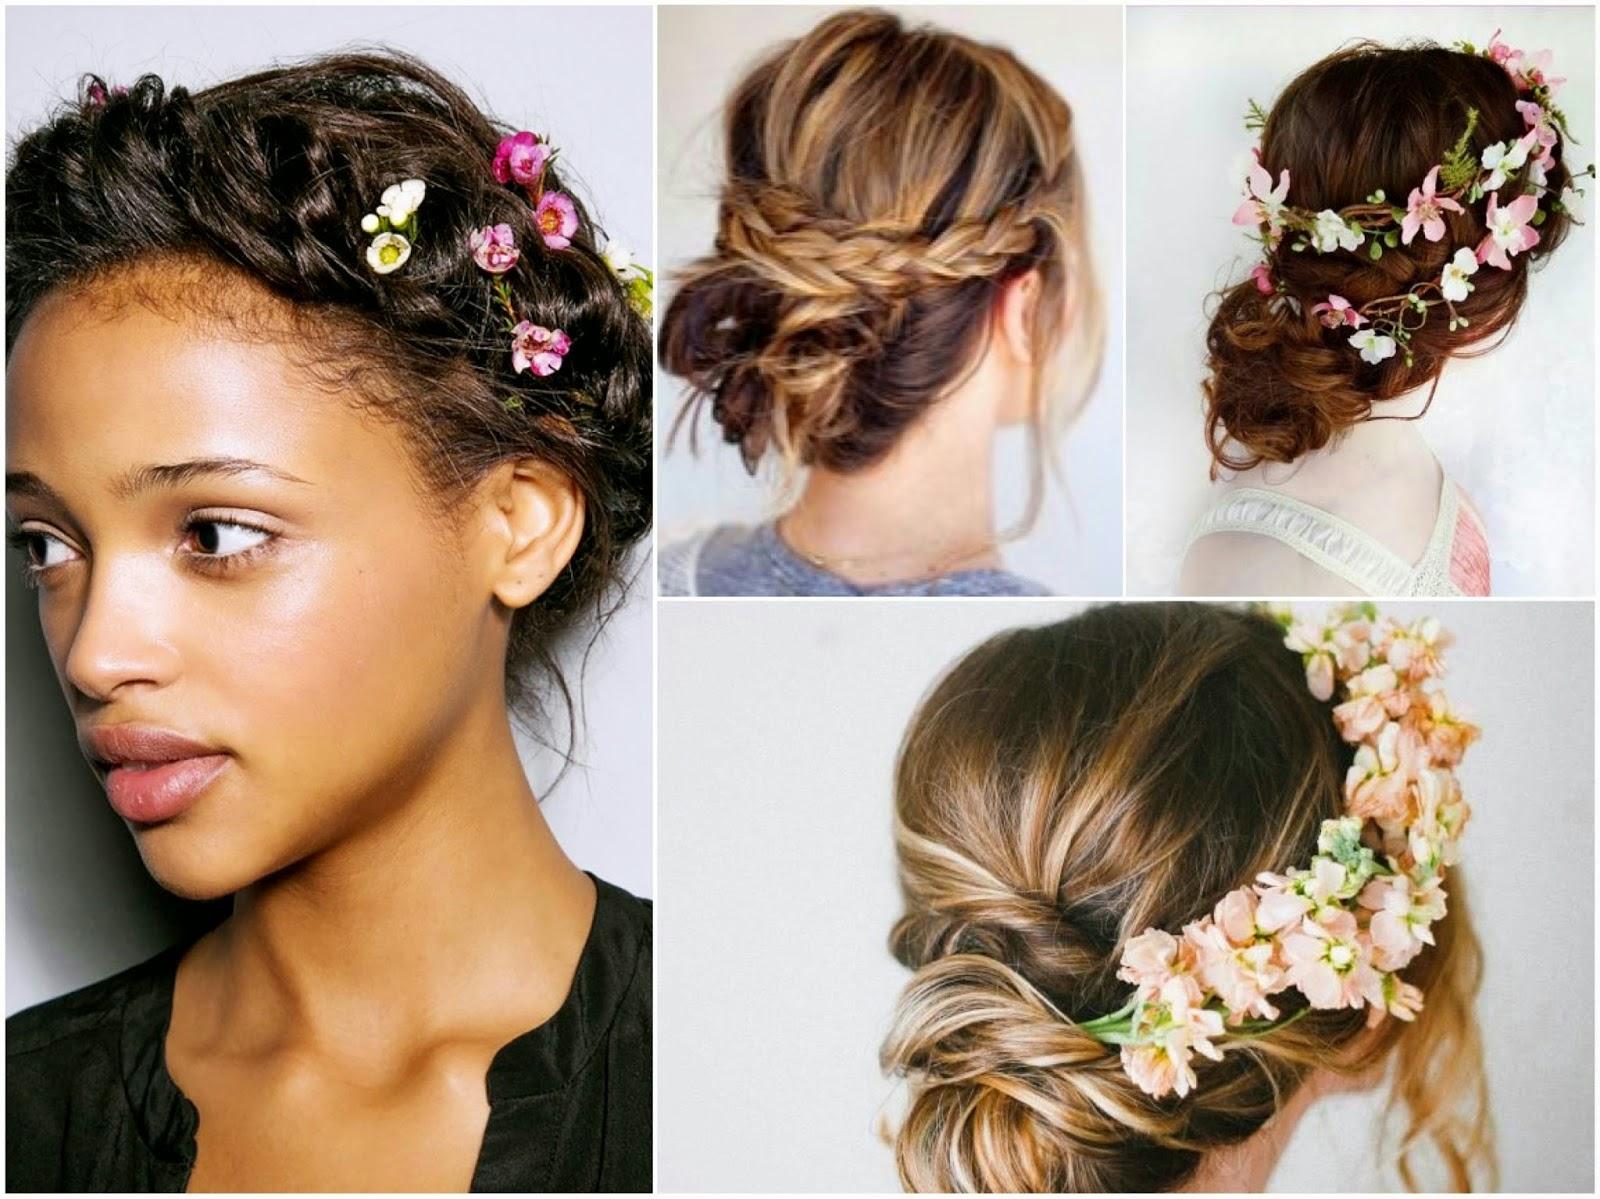 Peinados de novia 2018 Diseños con flores naturales (Foto) Ella Hoy - Flores Naturales Para Peinados